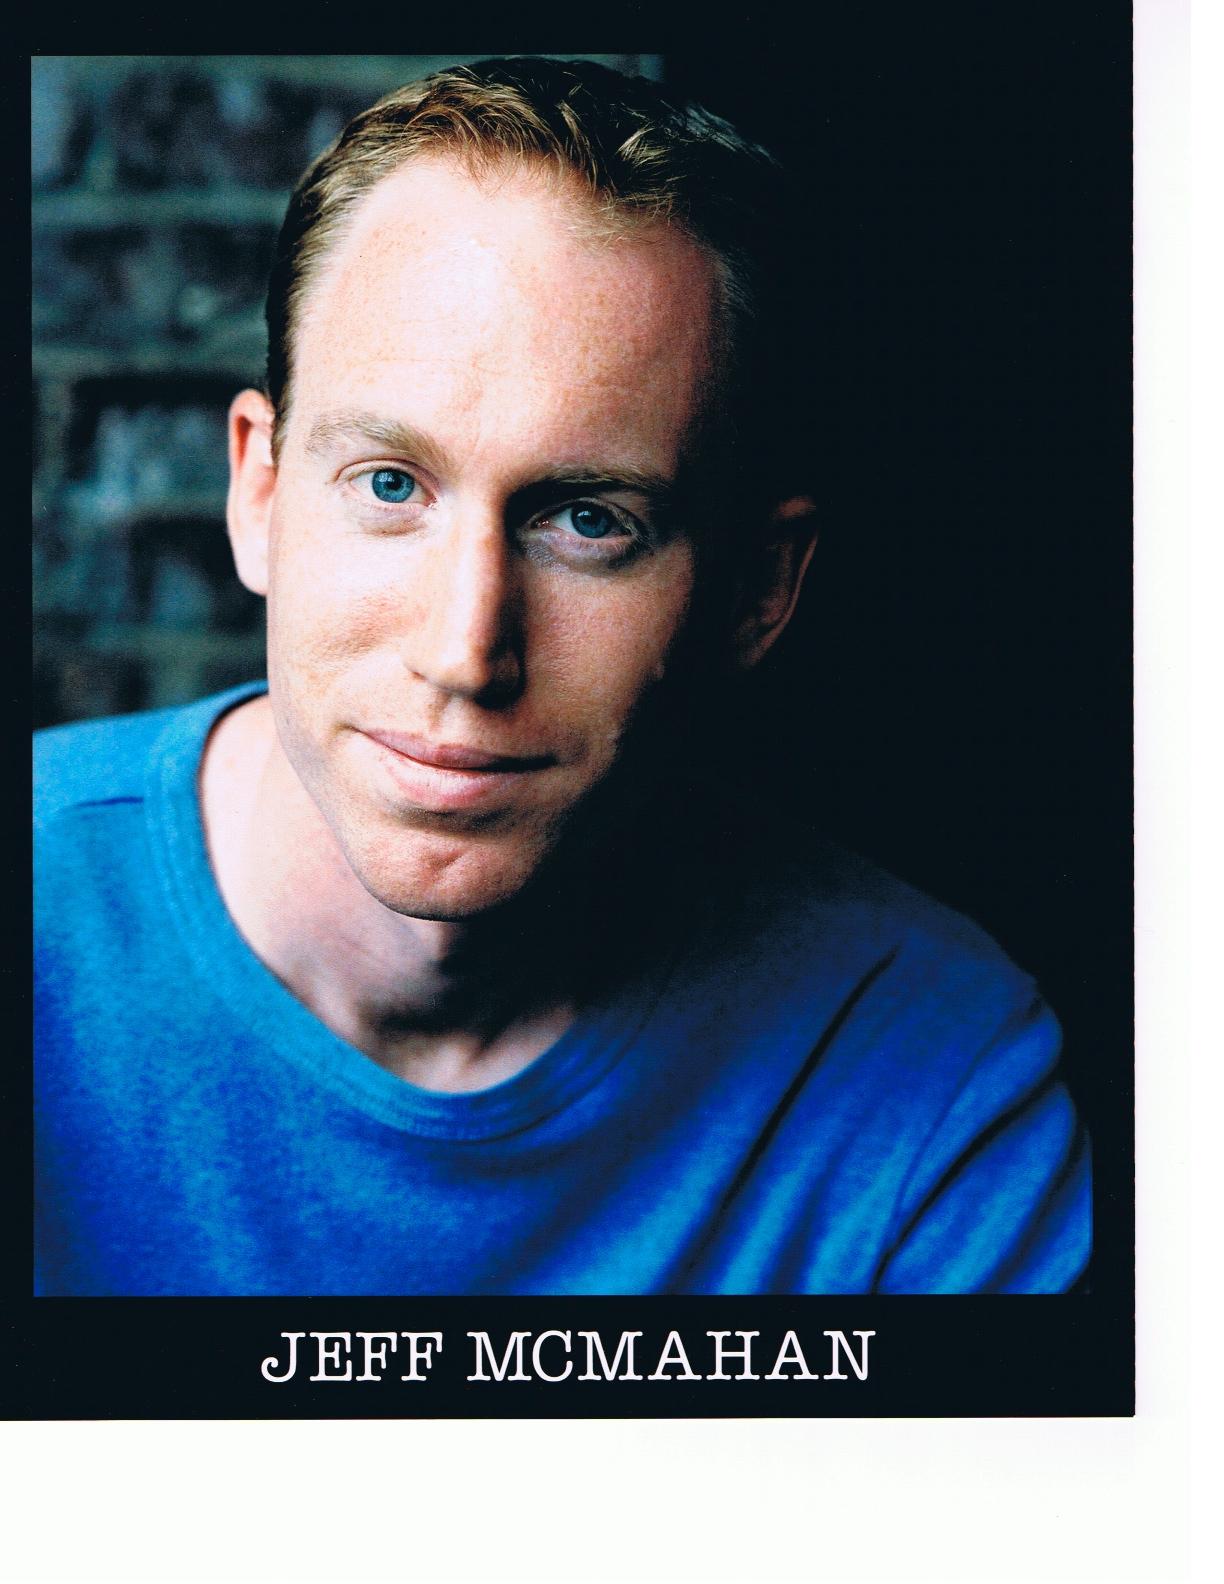 Jeff McMahan Headshot